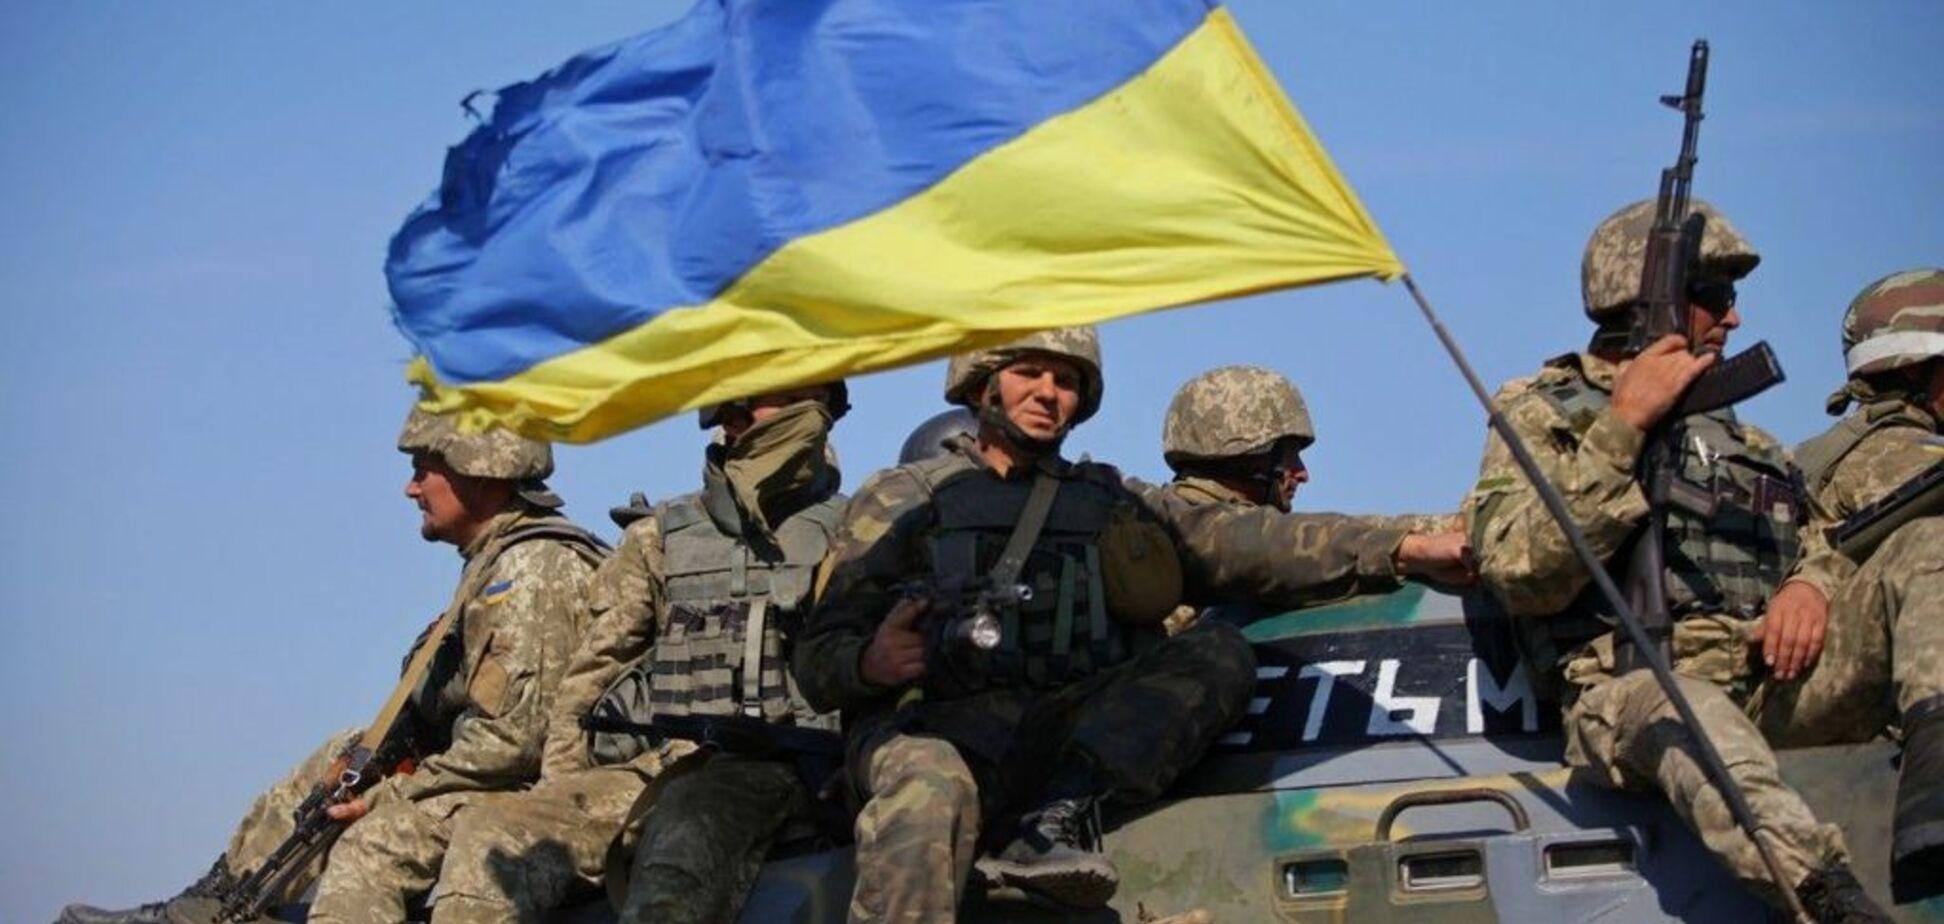 'Готові вбивати і мучити окупантів': Корчинський розповів, як росТБ зіграло на руку Україні